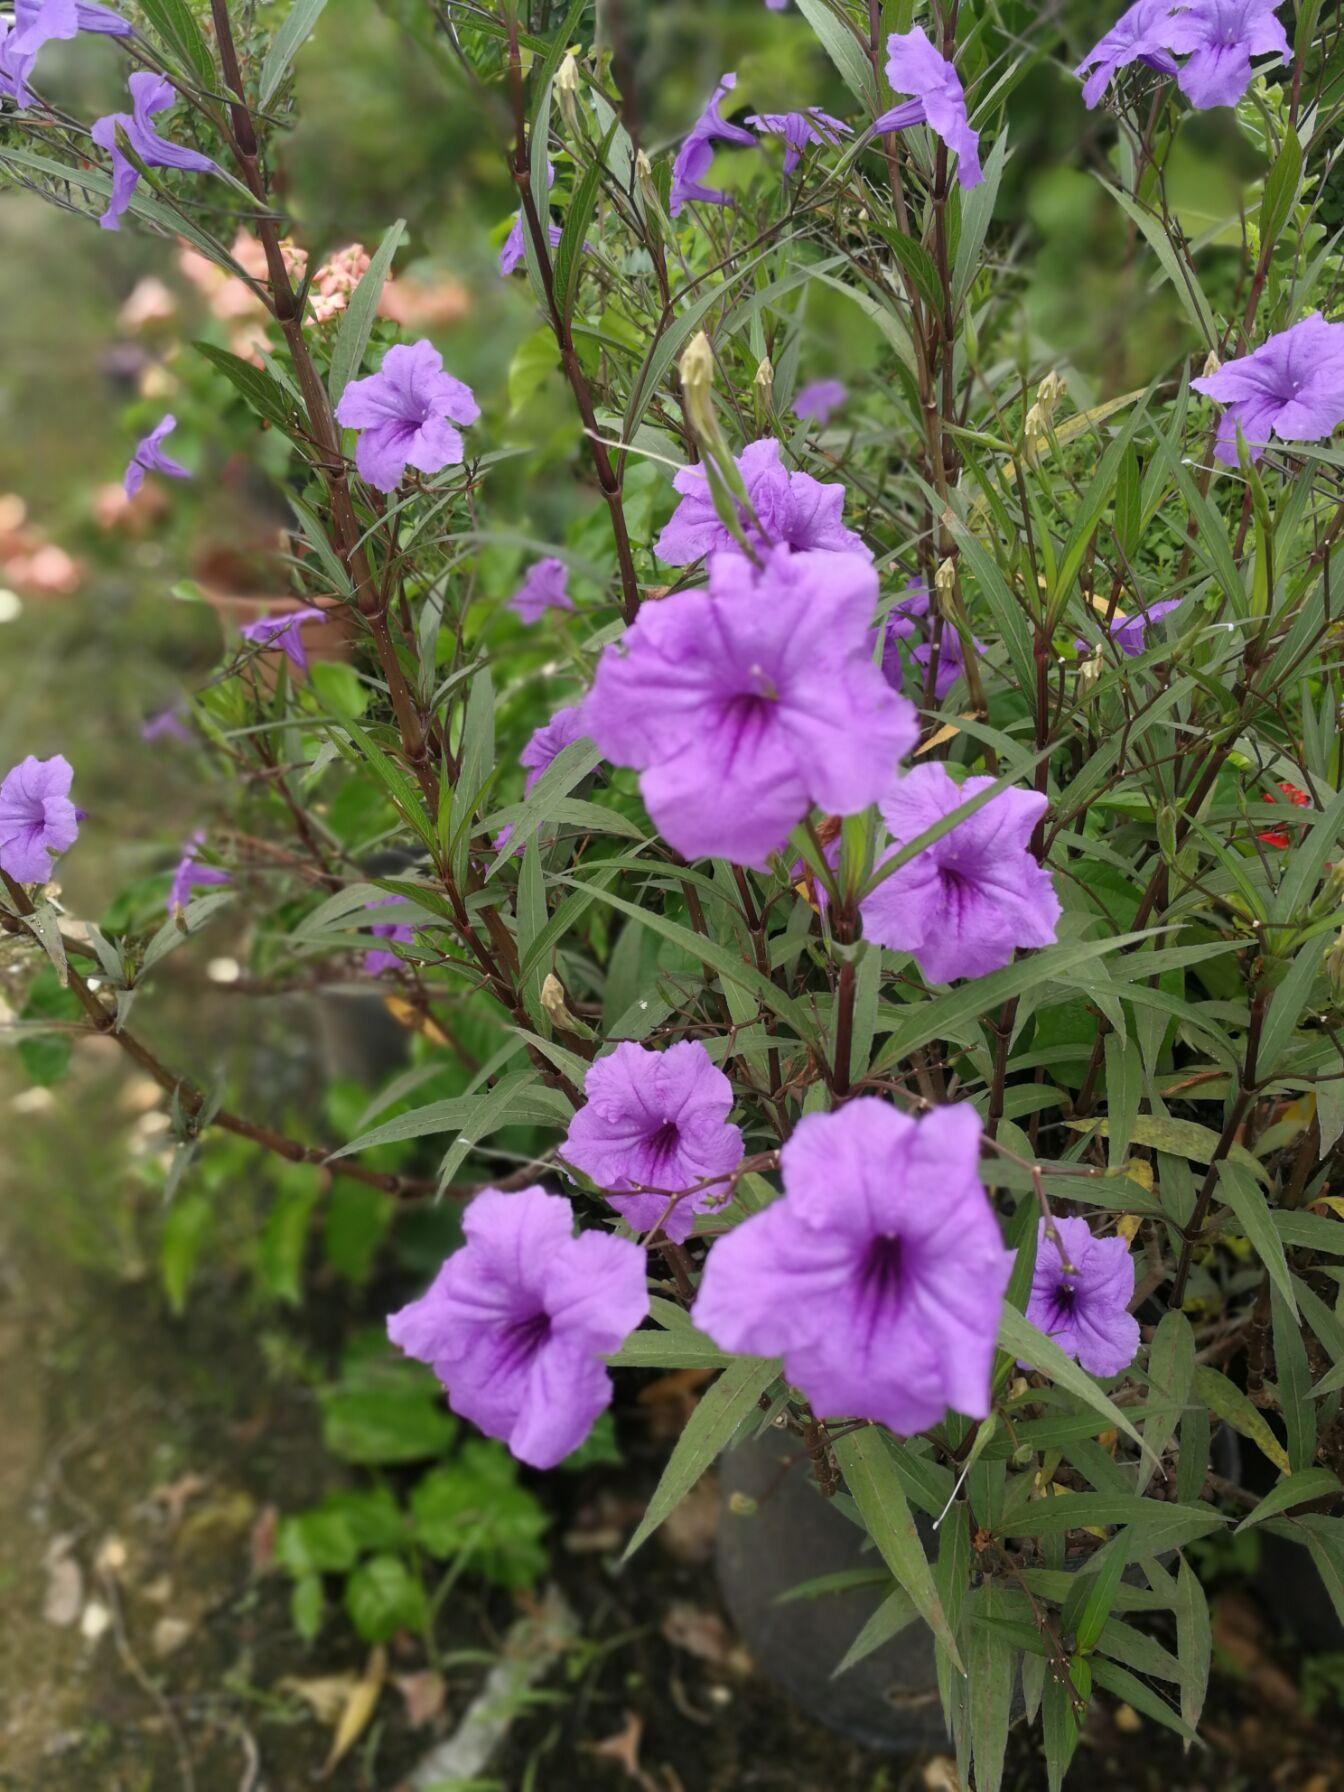 美国红枝深紫大花翠芦莉 花大色艳花比普通大一倍花开